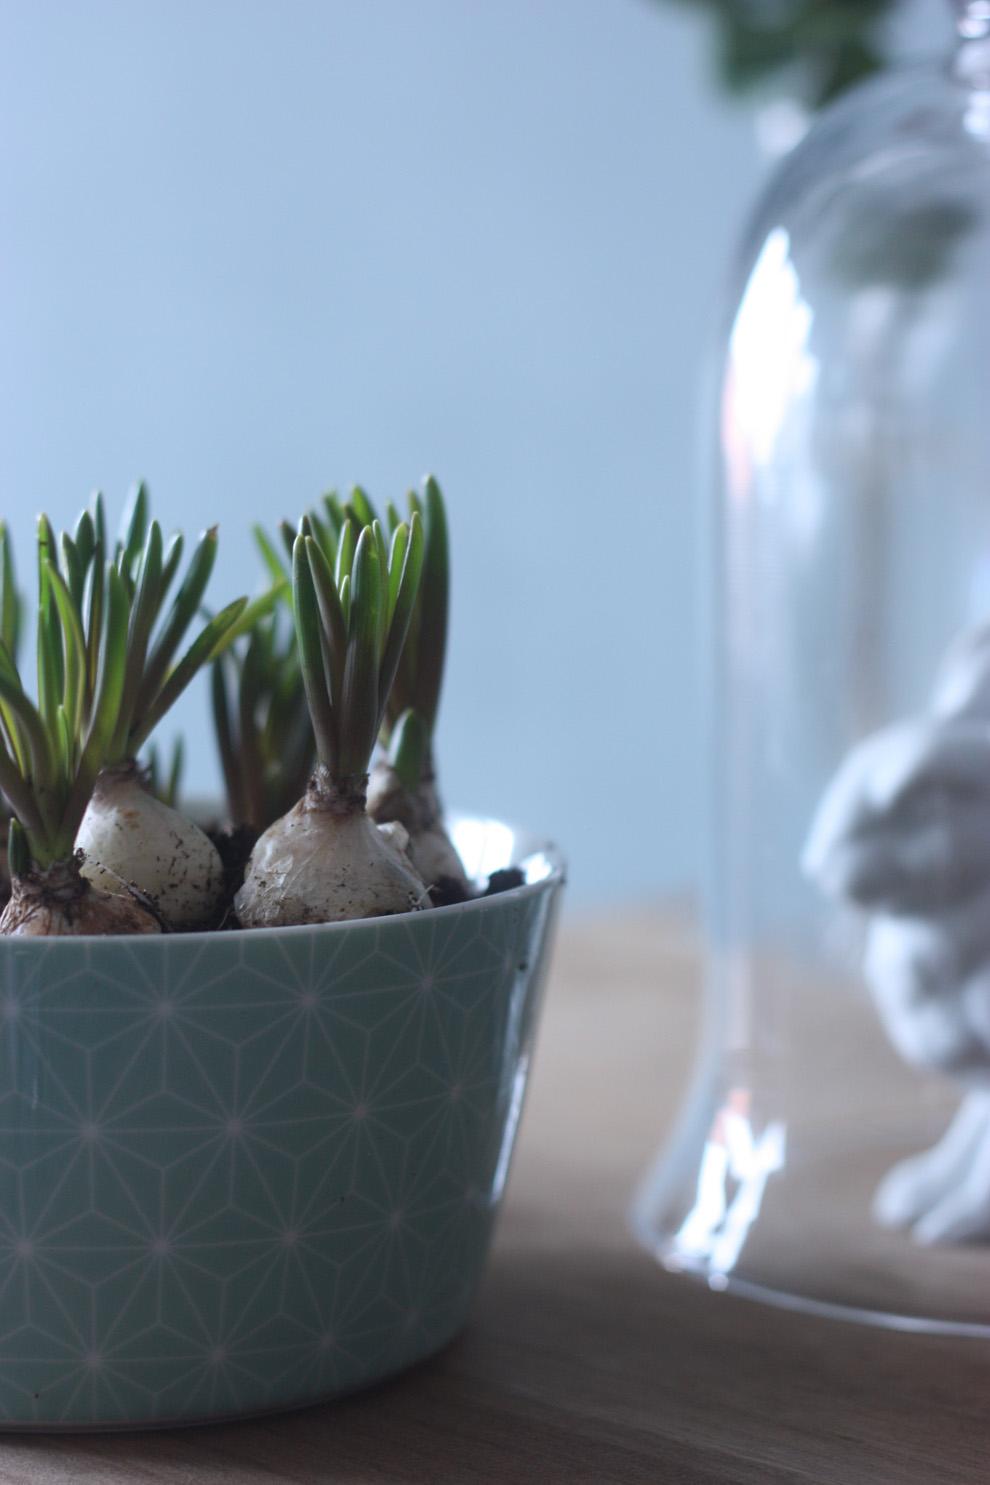 BRÅKIG_Plants